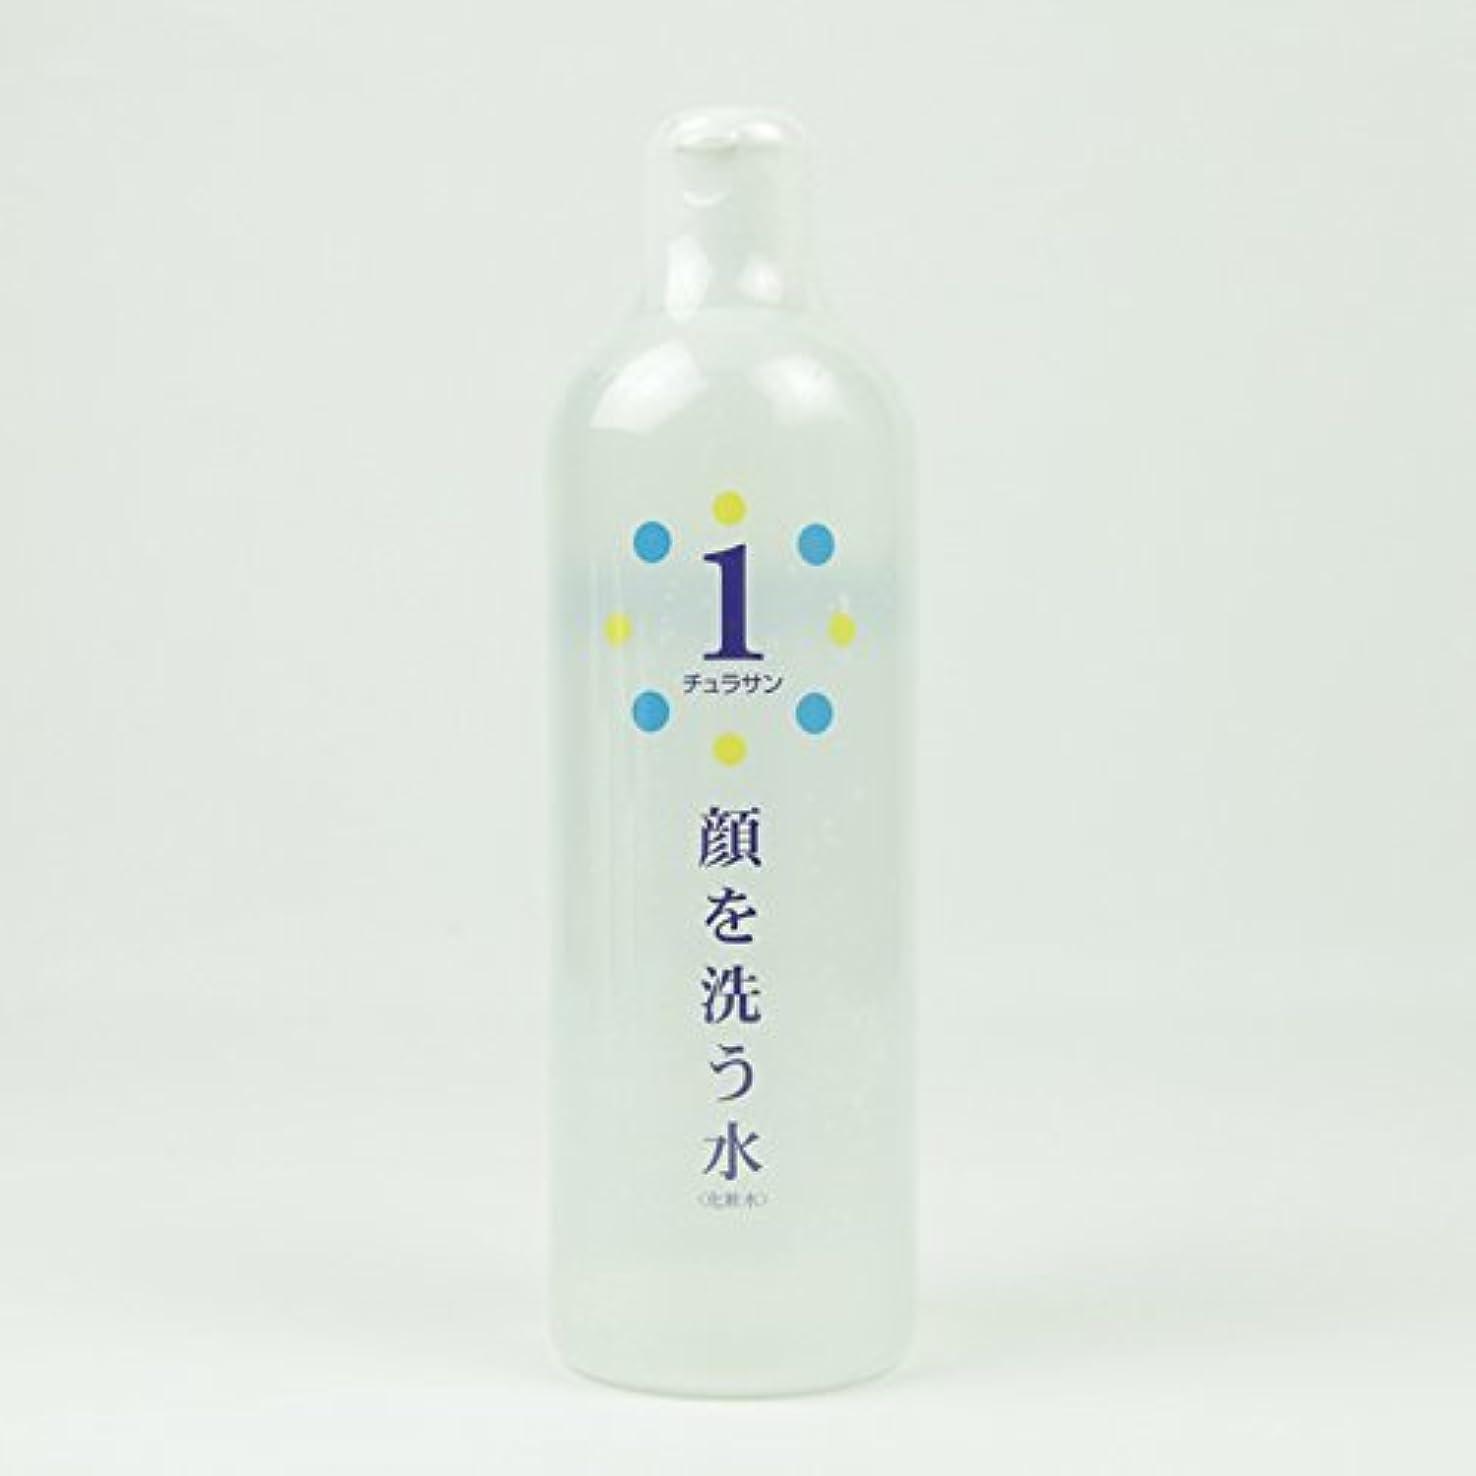 解任穿孔する雪チュラサン1 【顔を洗う水】 500ml